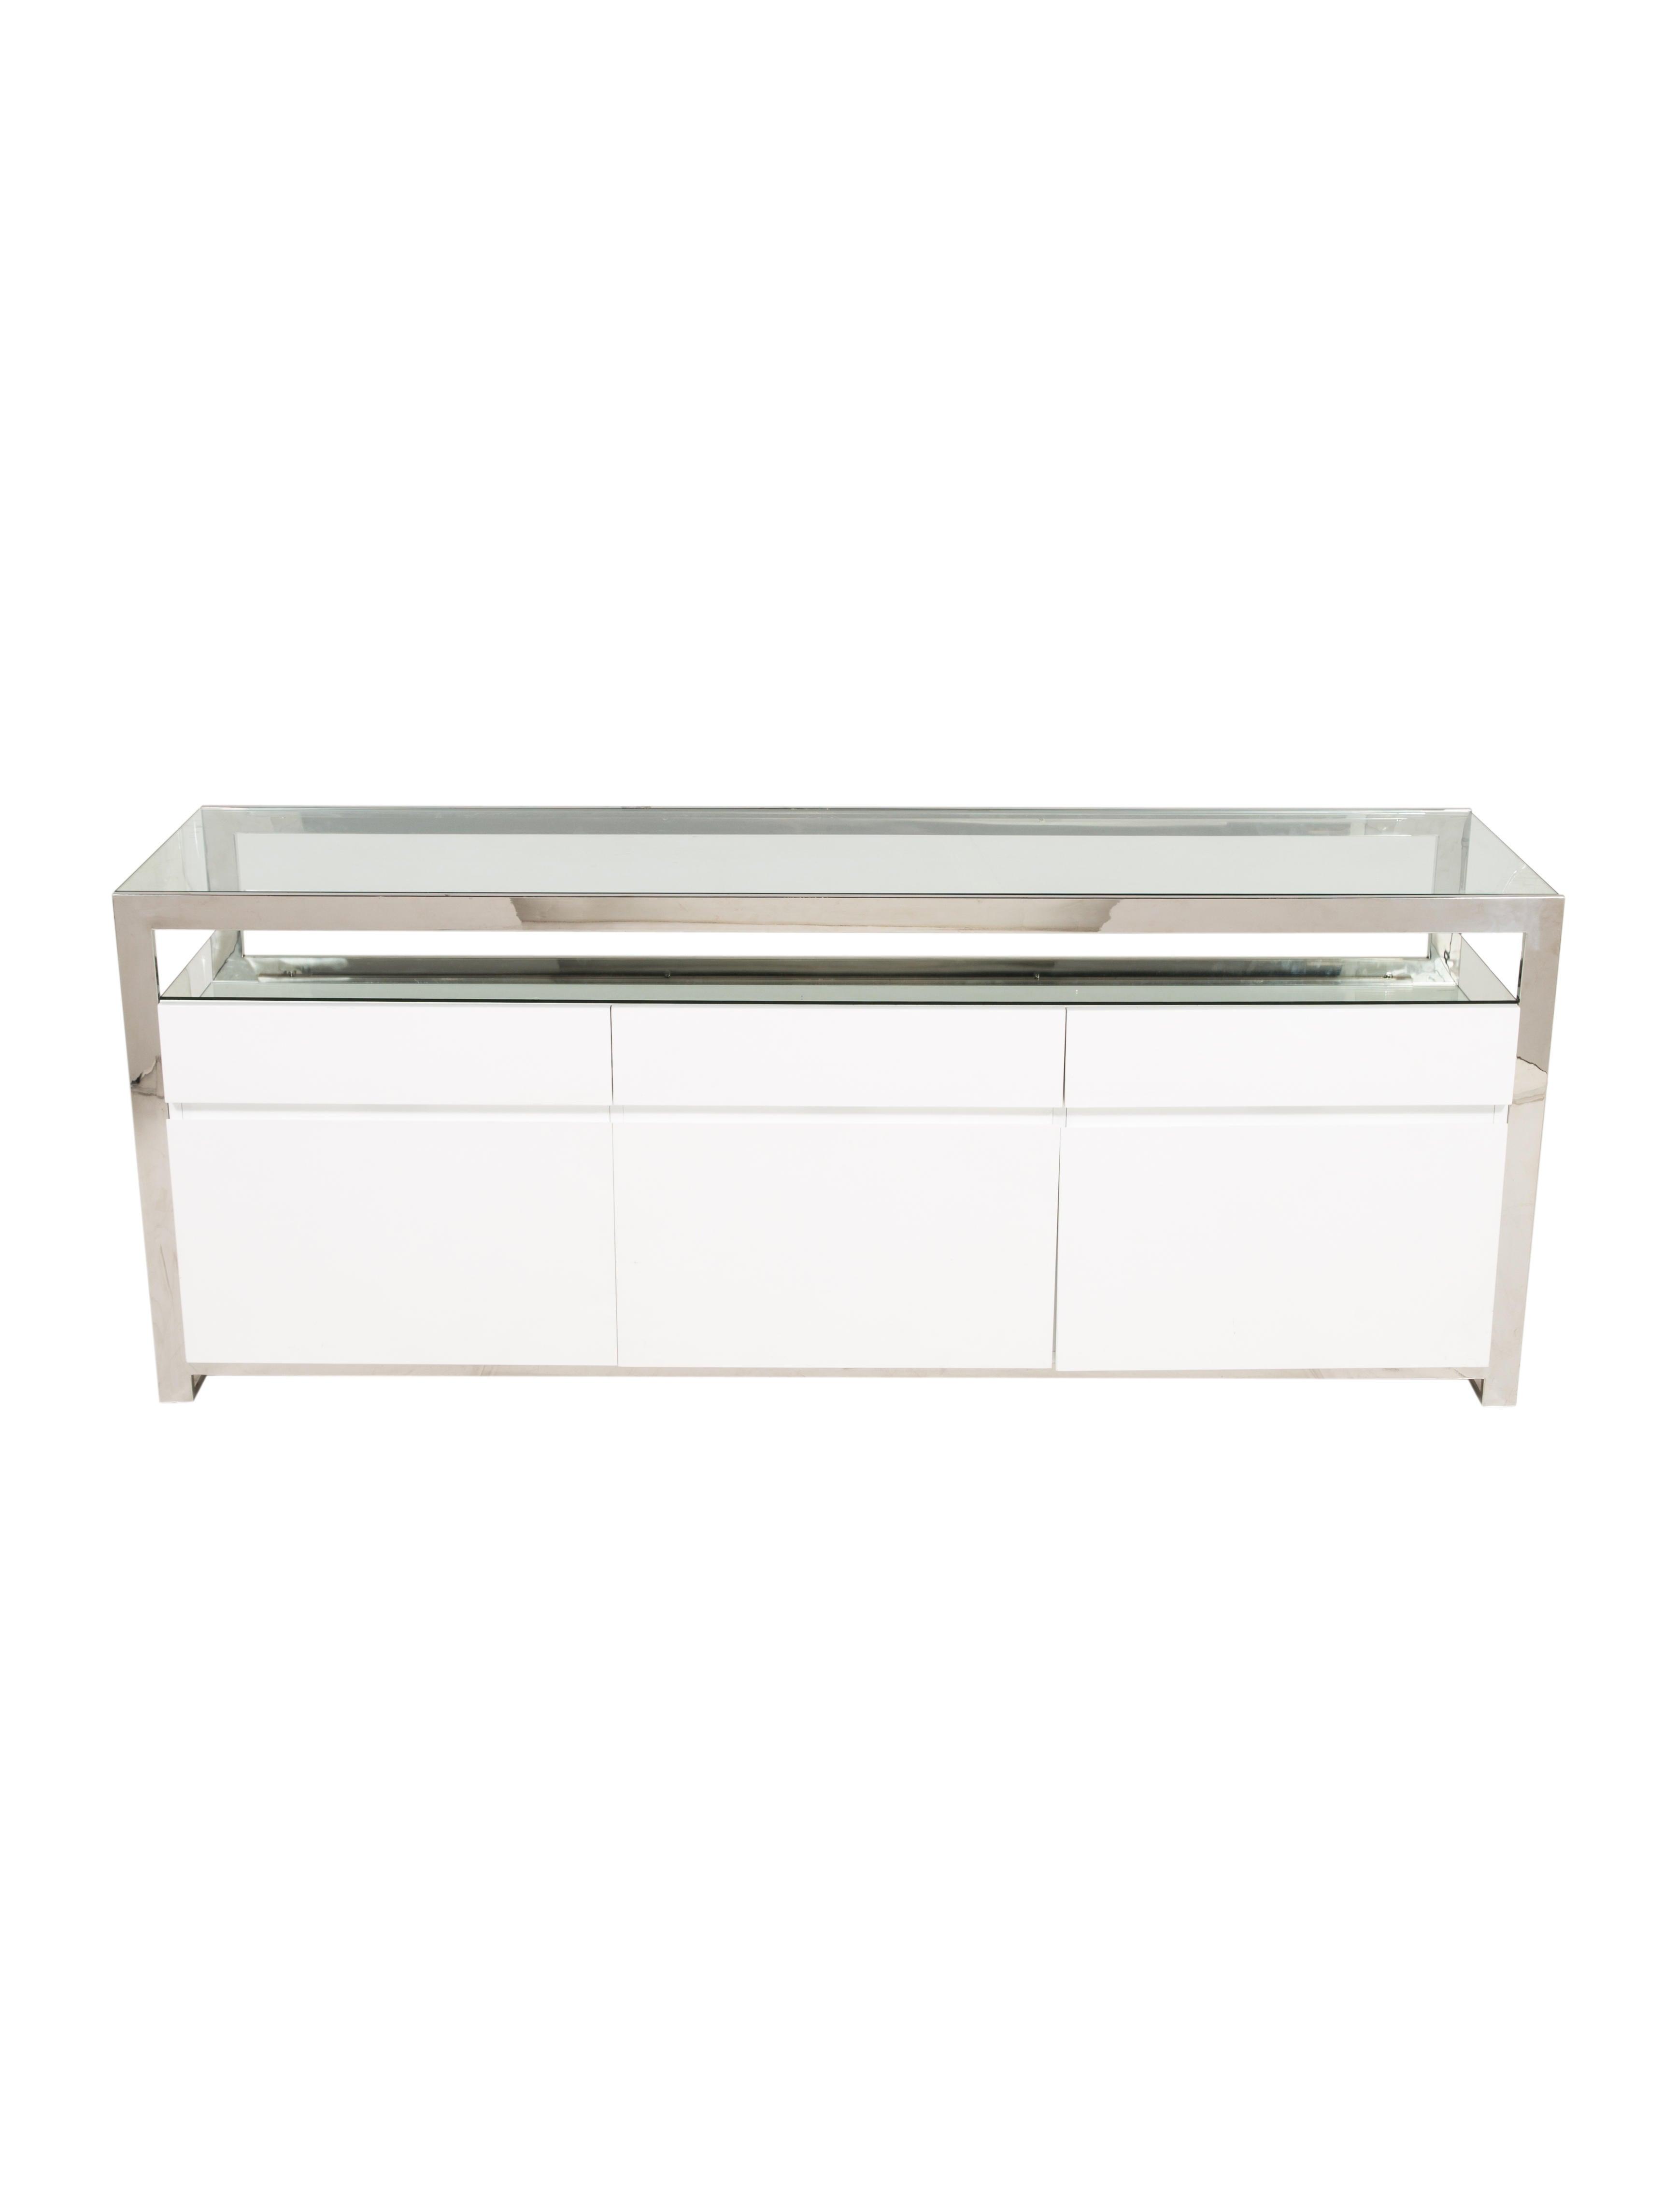 White Lacquer Console W Glass Top Furniture Furni20605 The Realreal